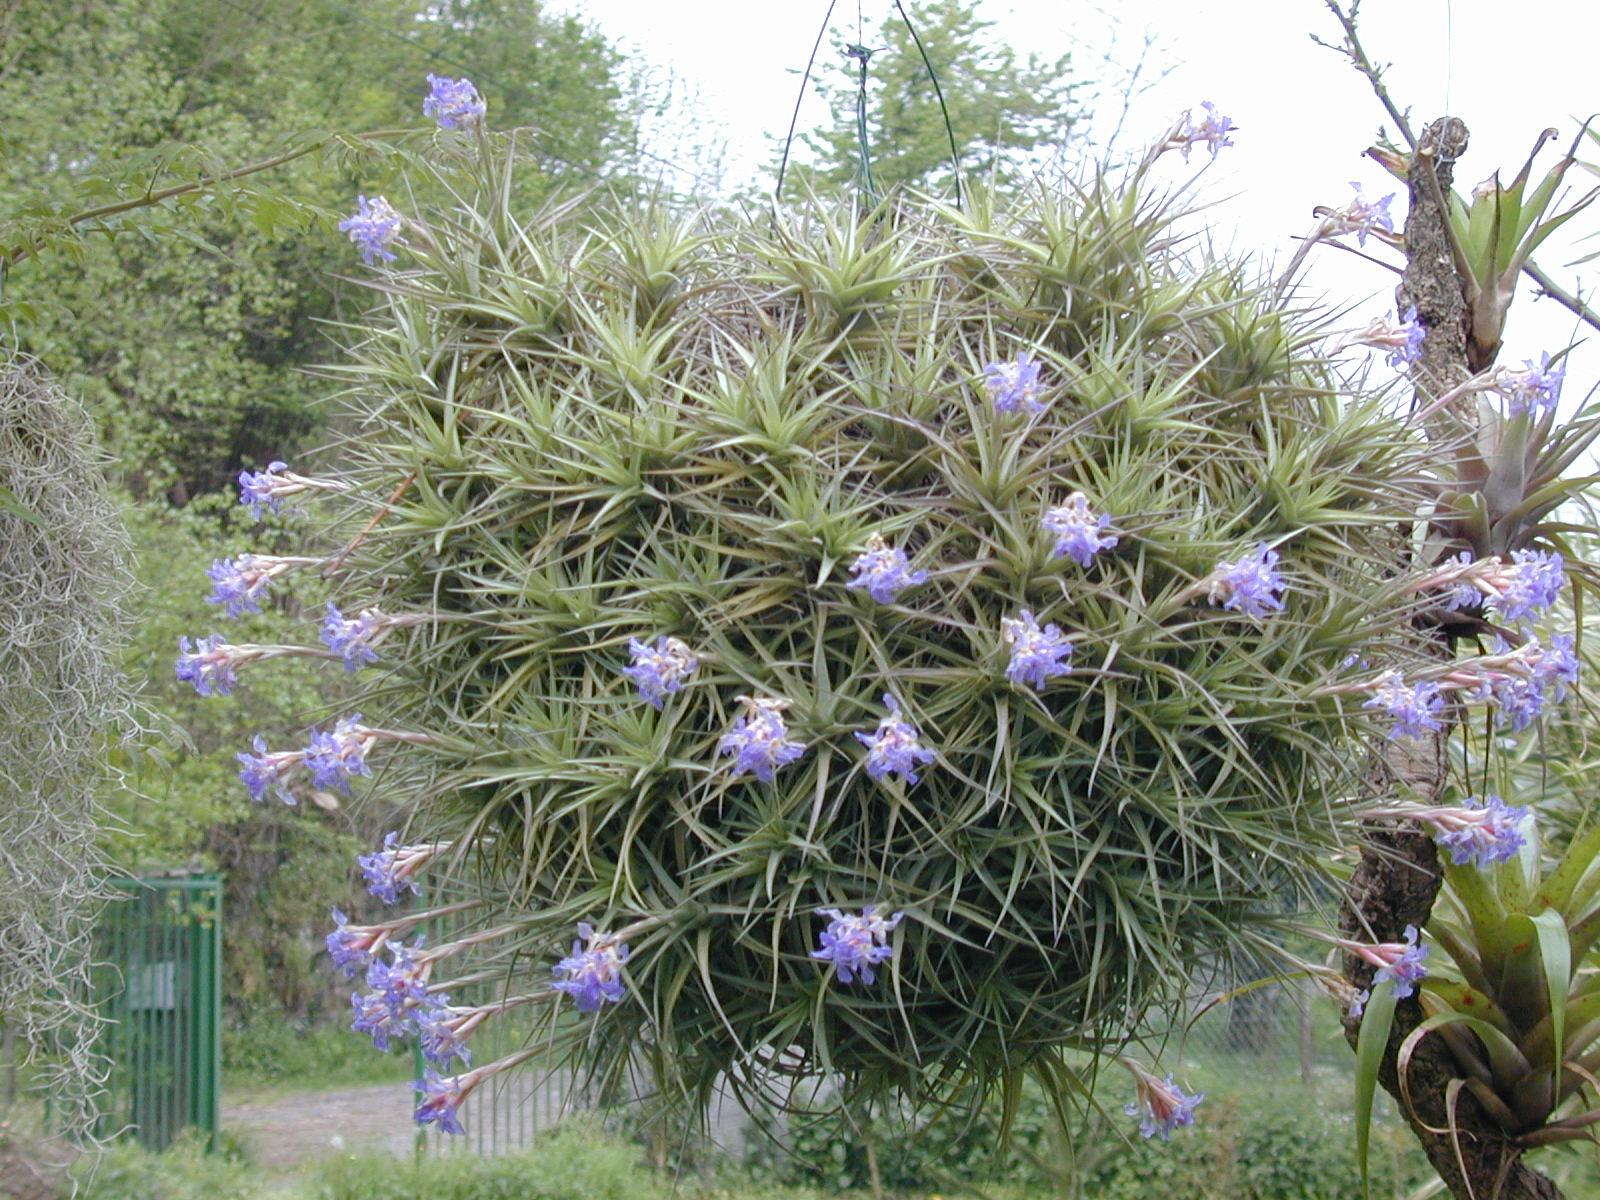 P pini re tropic flore photo tillandsia bergeri en fleurs - Plante vivant sans terre ...